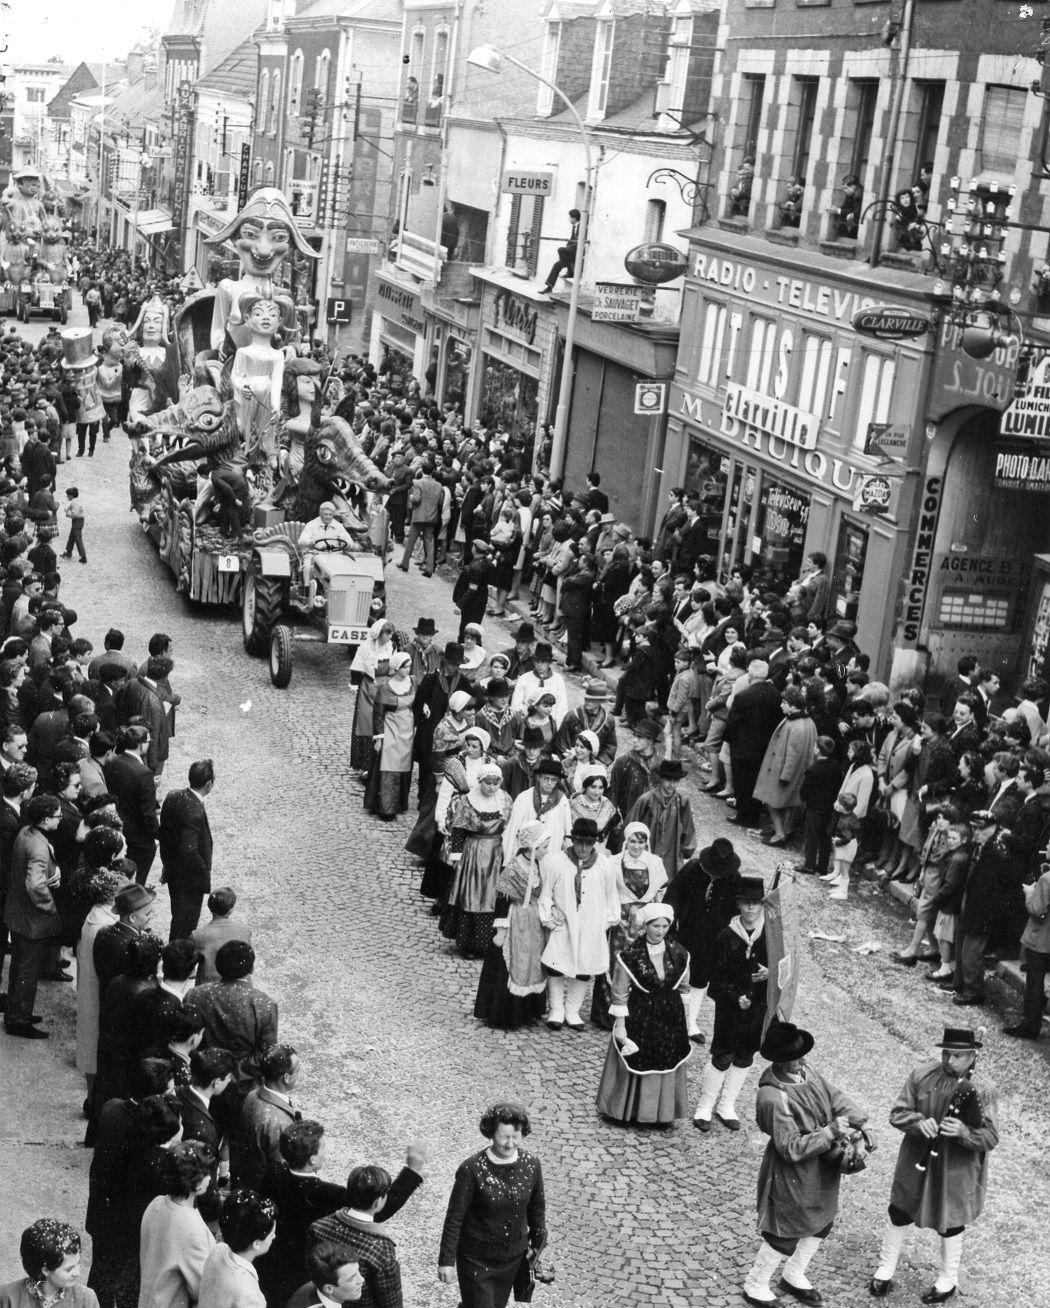 C'était au temps où il y avait du monde dans les rues de Vierzon